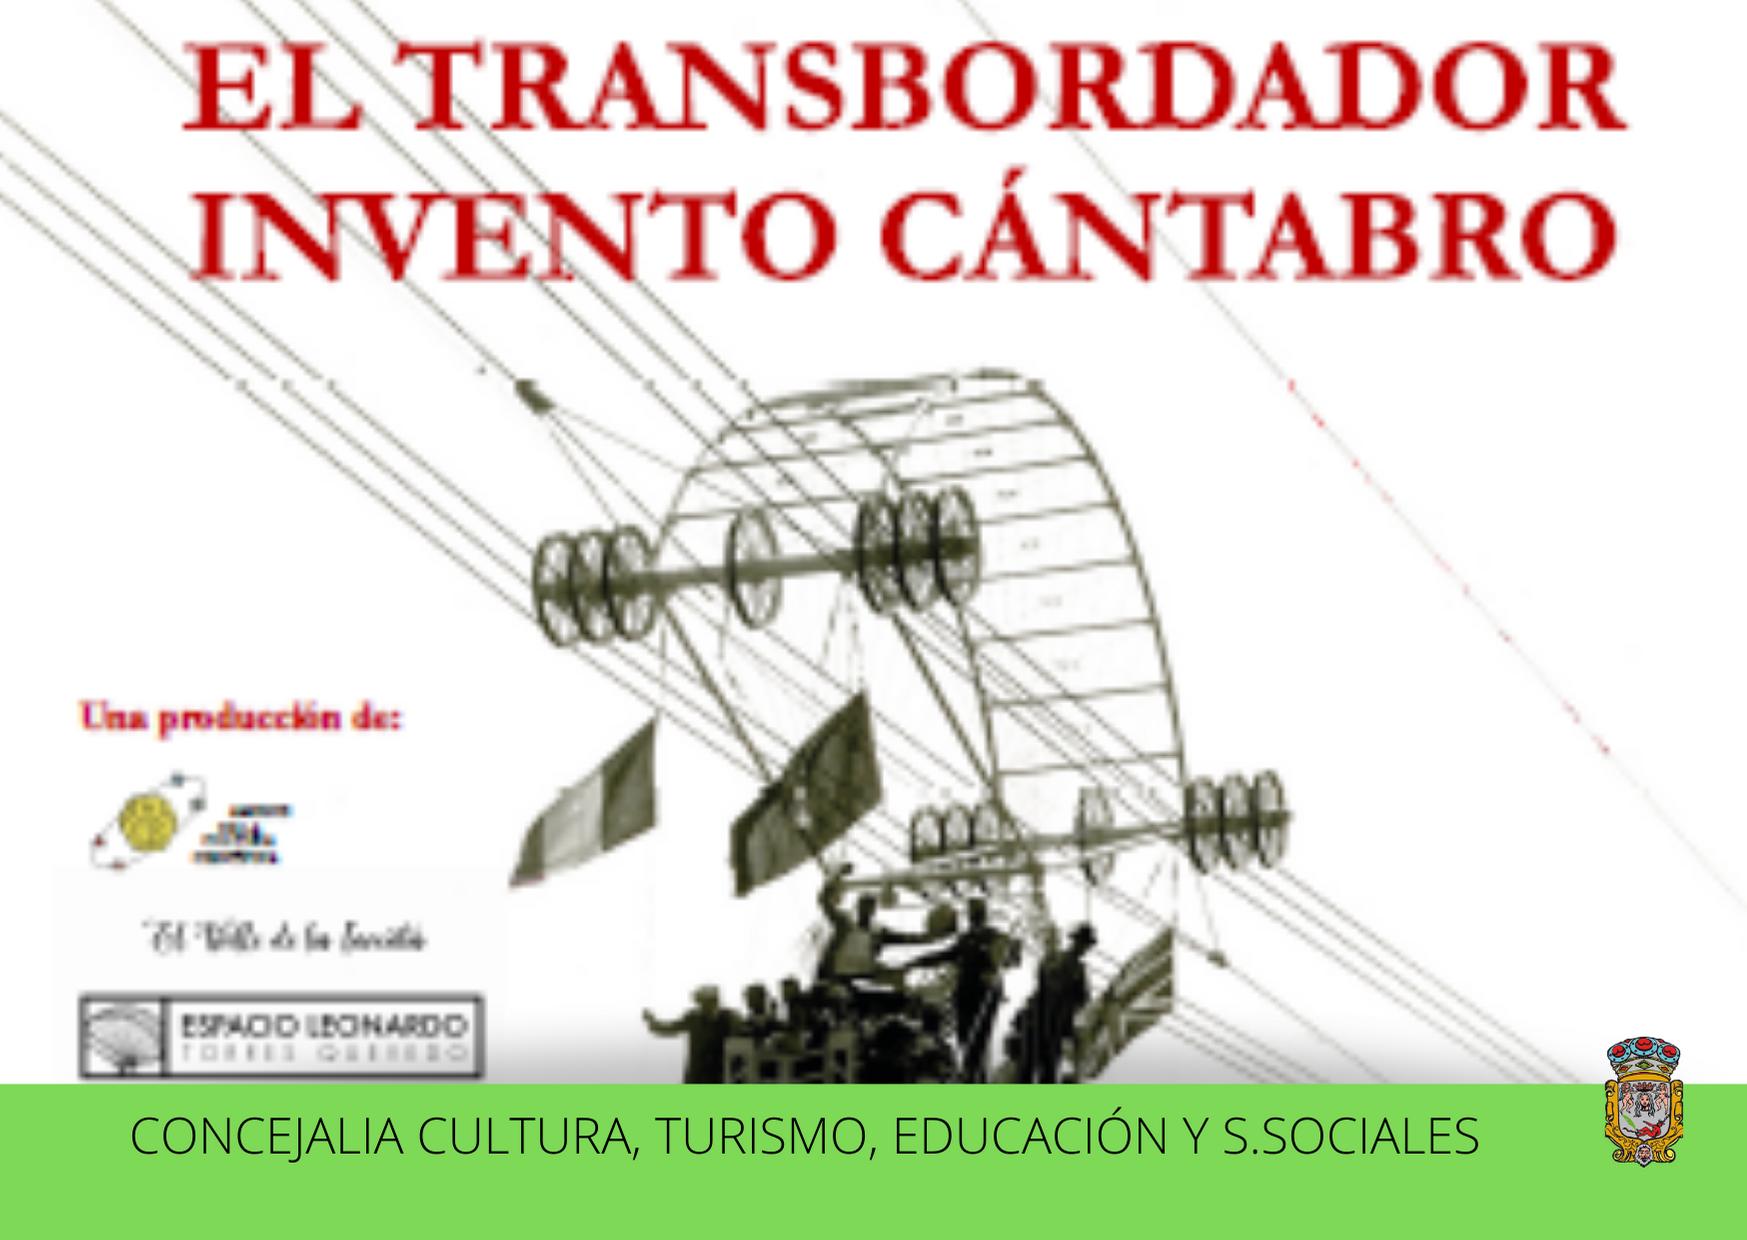 La exposición de Leonardo Torres Quevedo 'El Transbordador, Invento Cántabro' estará en el Museo Jesús otero del 8 de mayo al 15 de junio